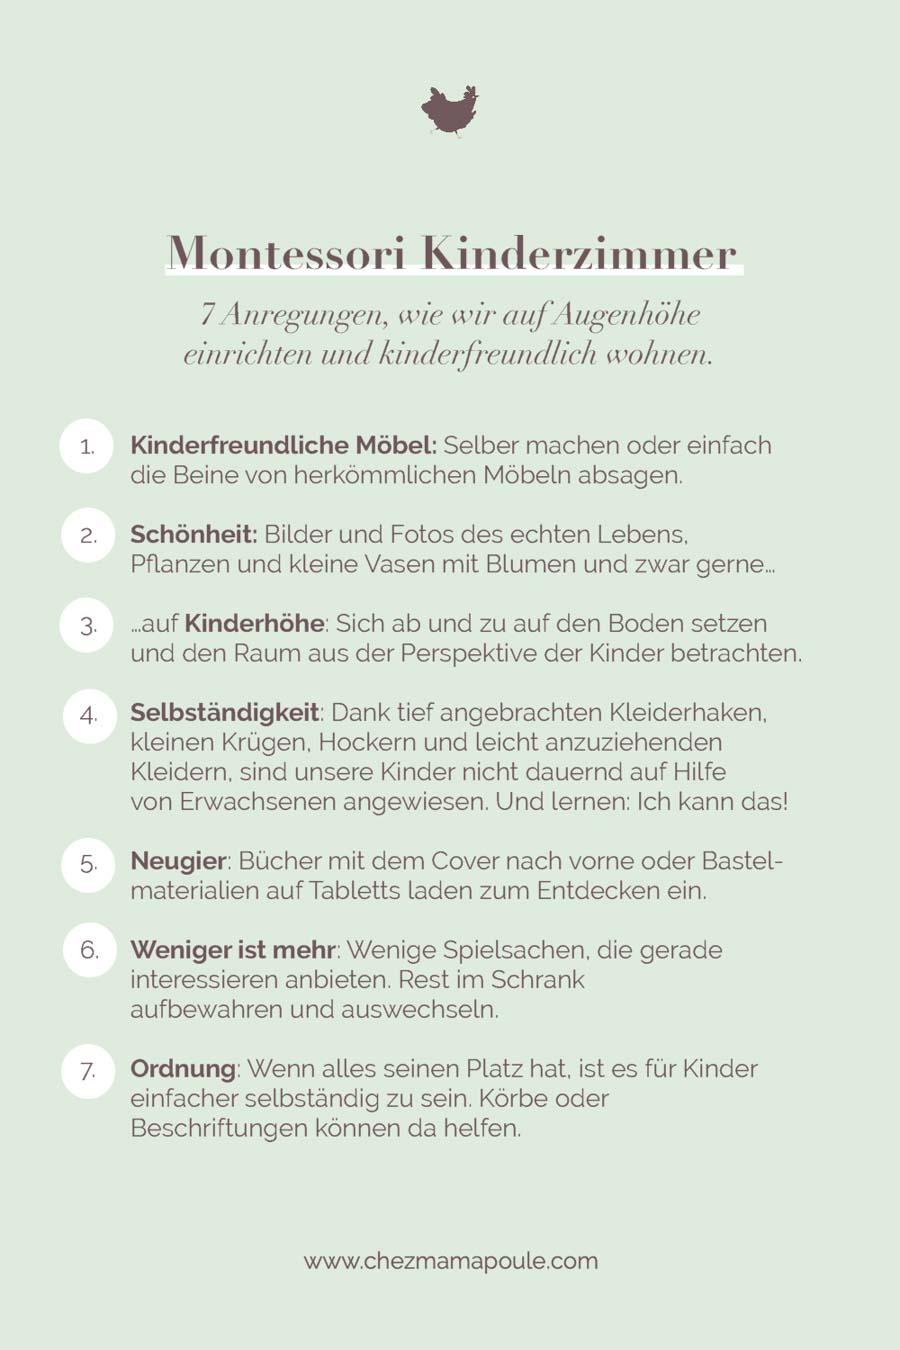 Montessori Kinderzimmer trotz knappem Budget einrichten. Wir liefern 7 Anregungen, wie man mit Kindern auf Augenhöhe wohnen kann. Vorbereitete Umgebung, Minimalismus im Kinderzimmer, Selbständigkeit ermöglichen usw. #erziehung #kleinkind #montessori #montessorizuhause